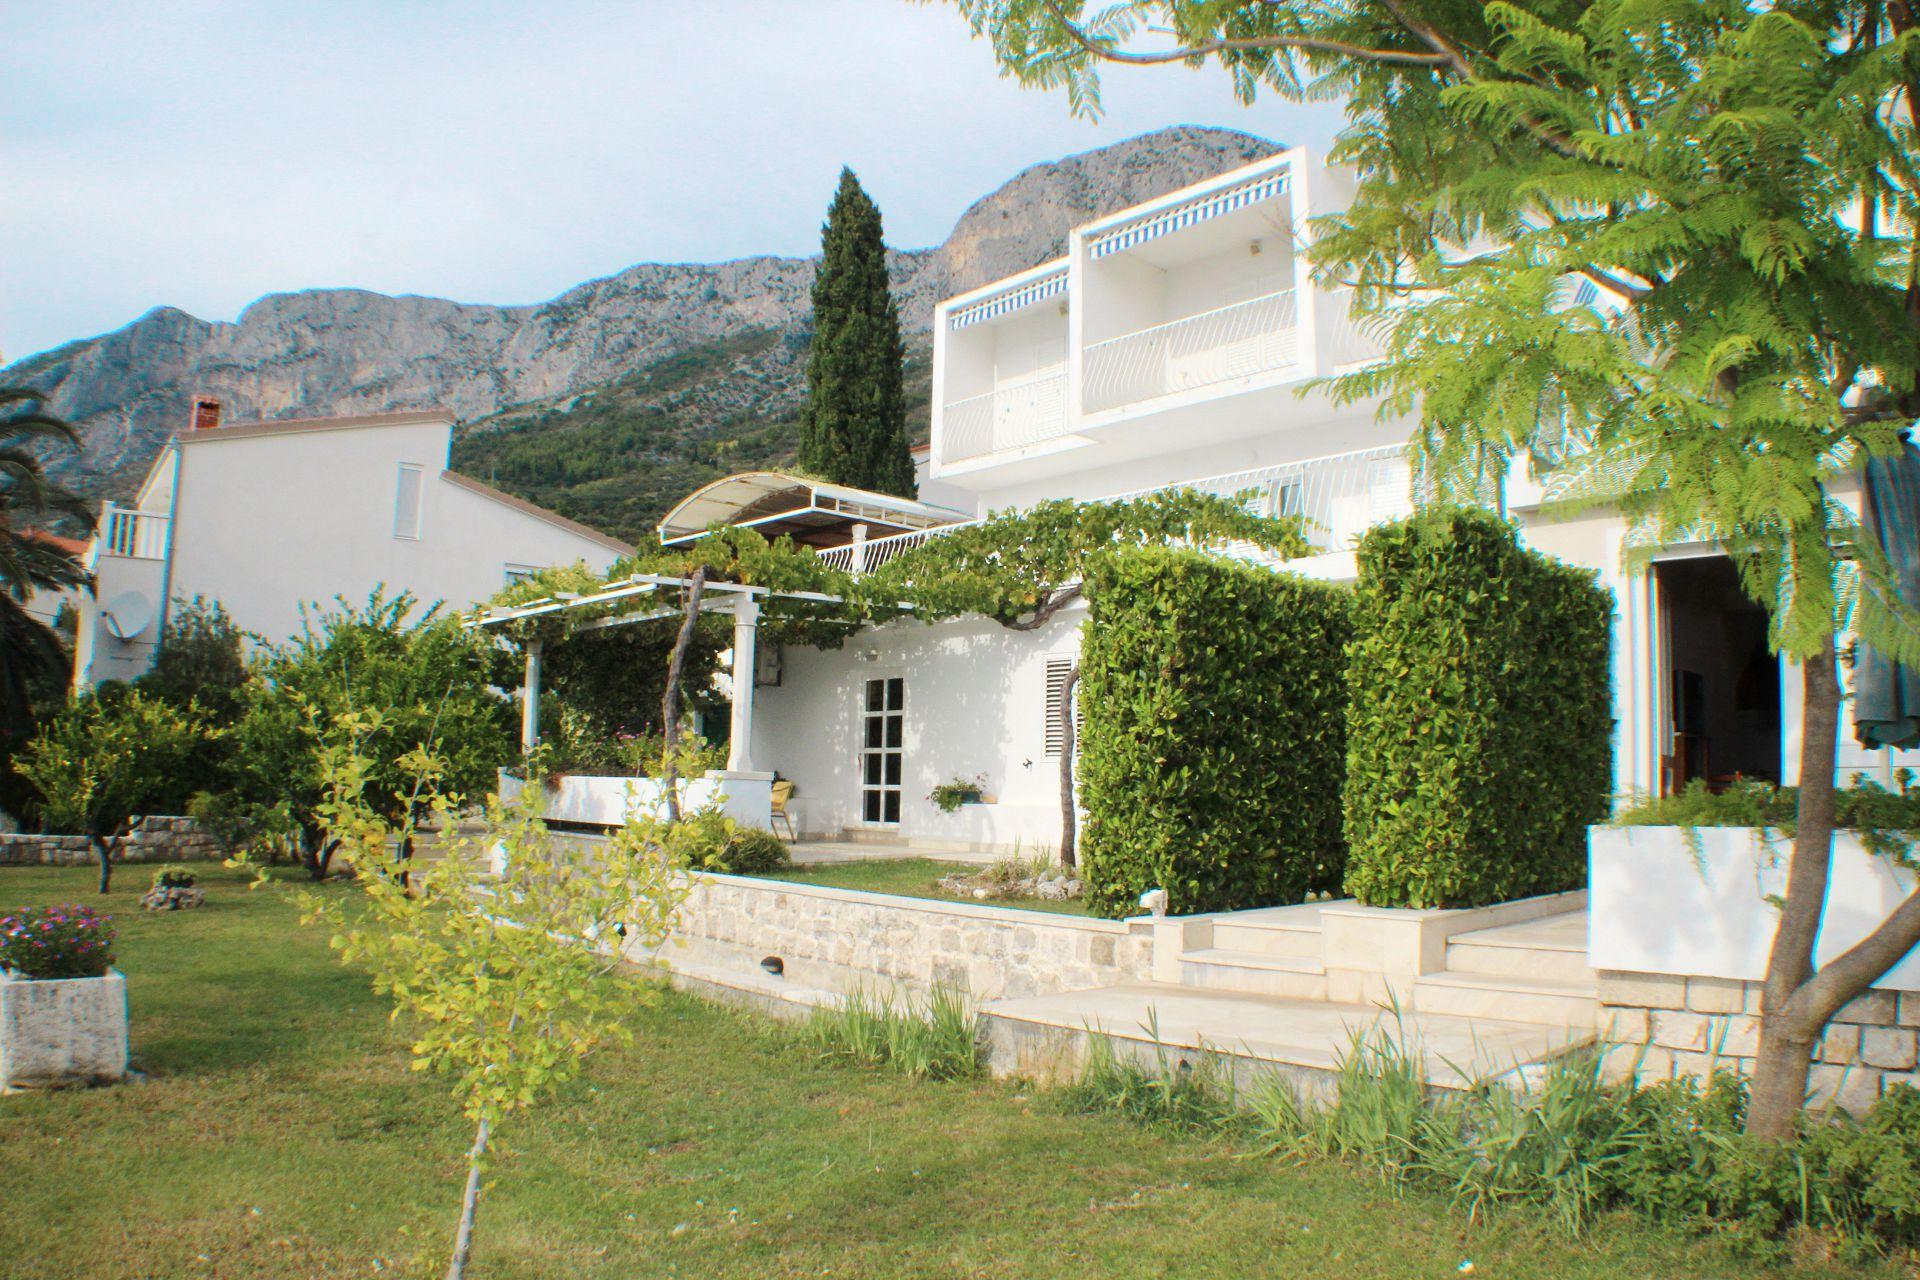 Ferienwohnung 5147  A4 Somina(2+2) - Brist (739134), Podaca, , Dalmatien, Kroatien, Bild 4